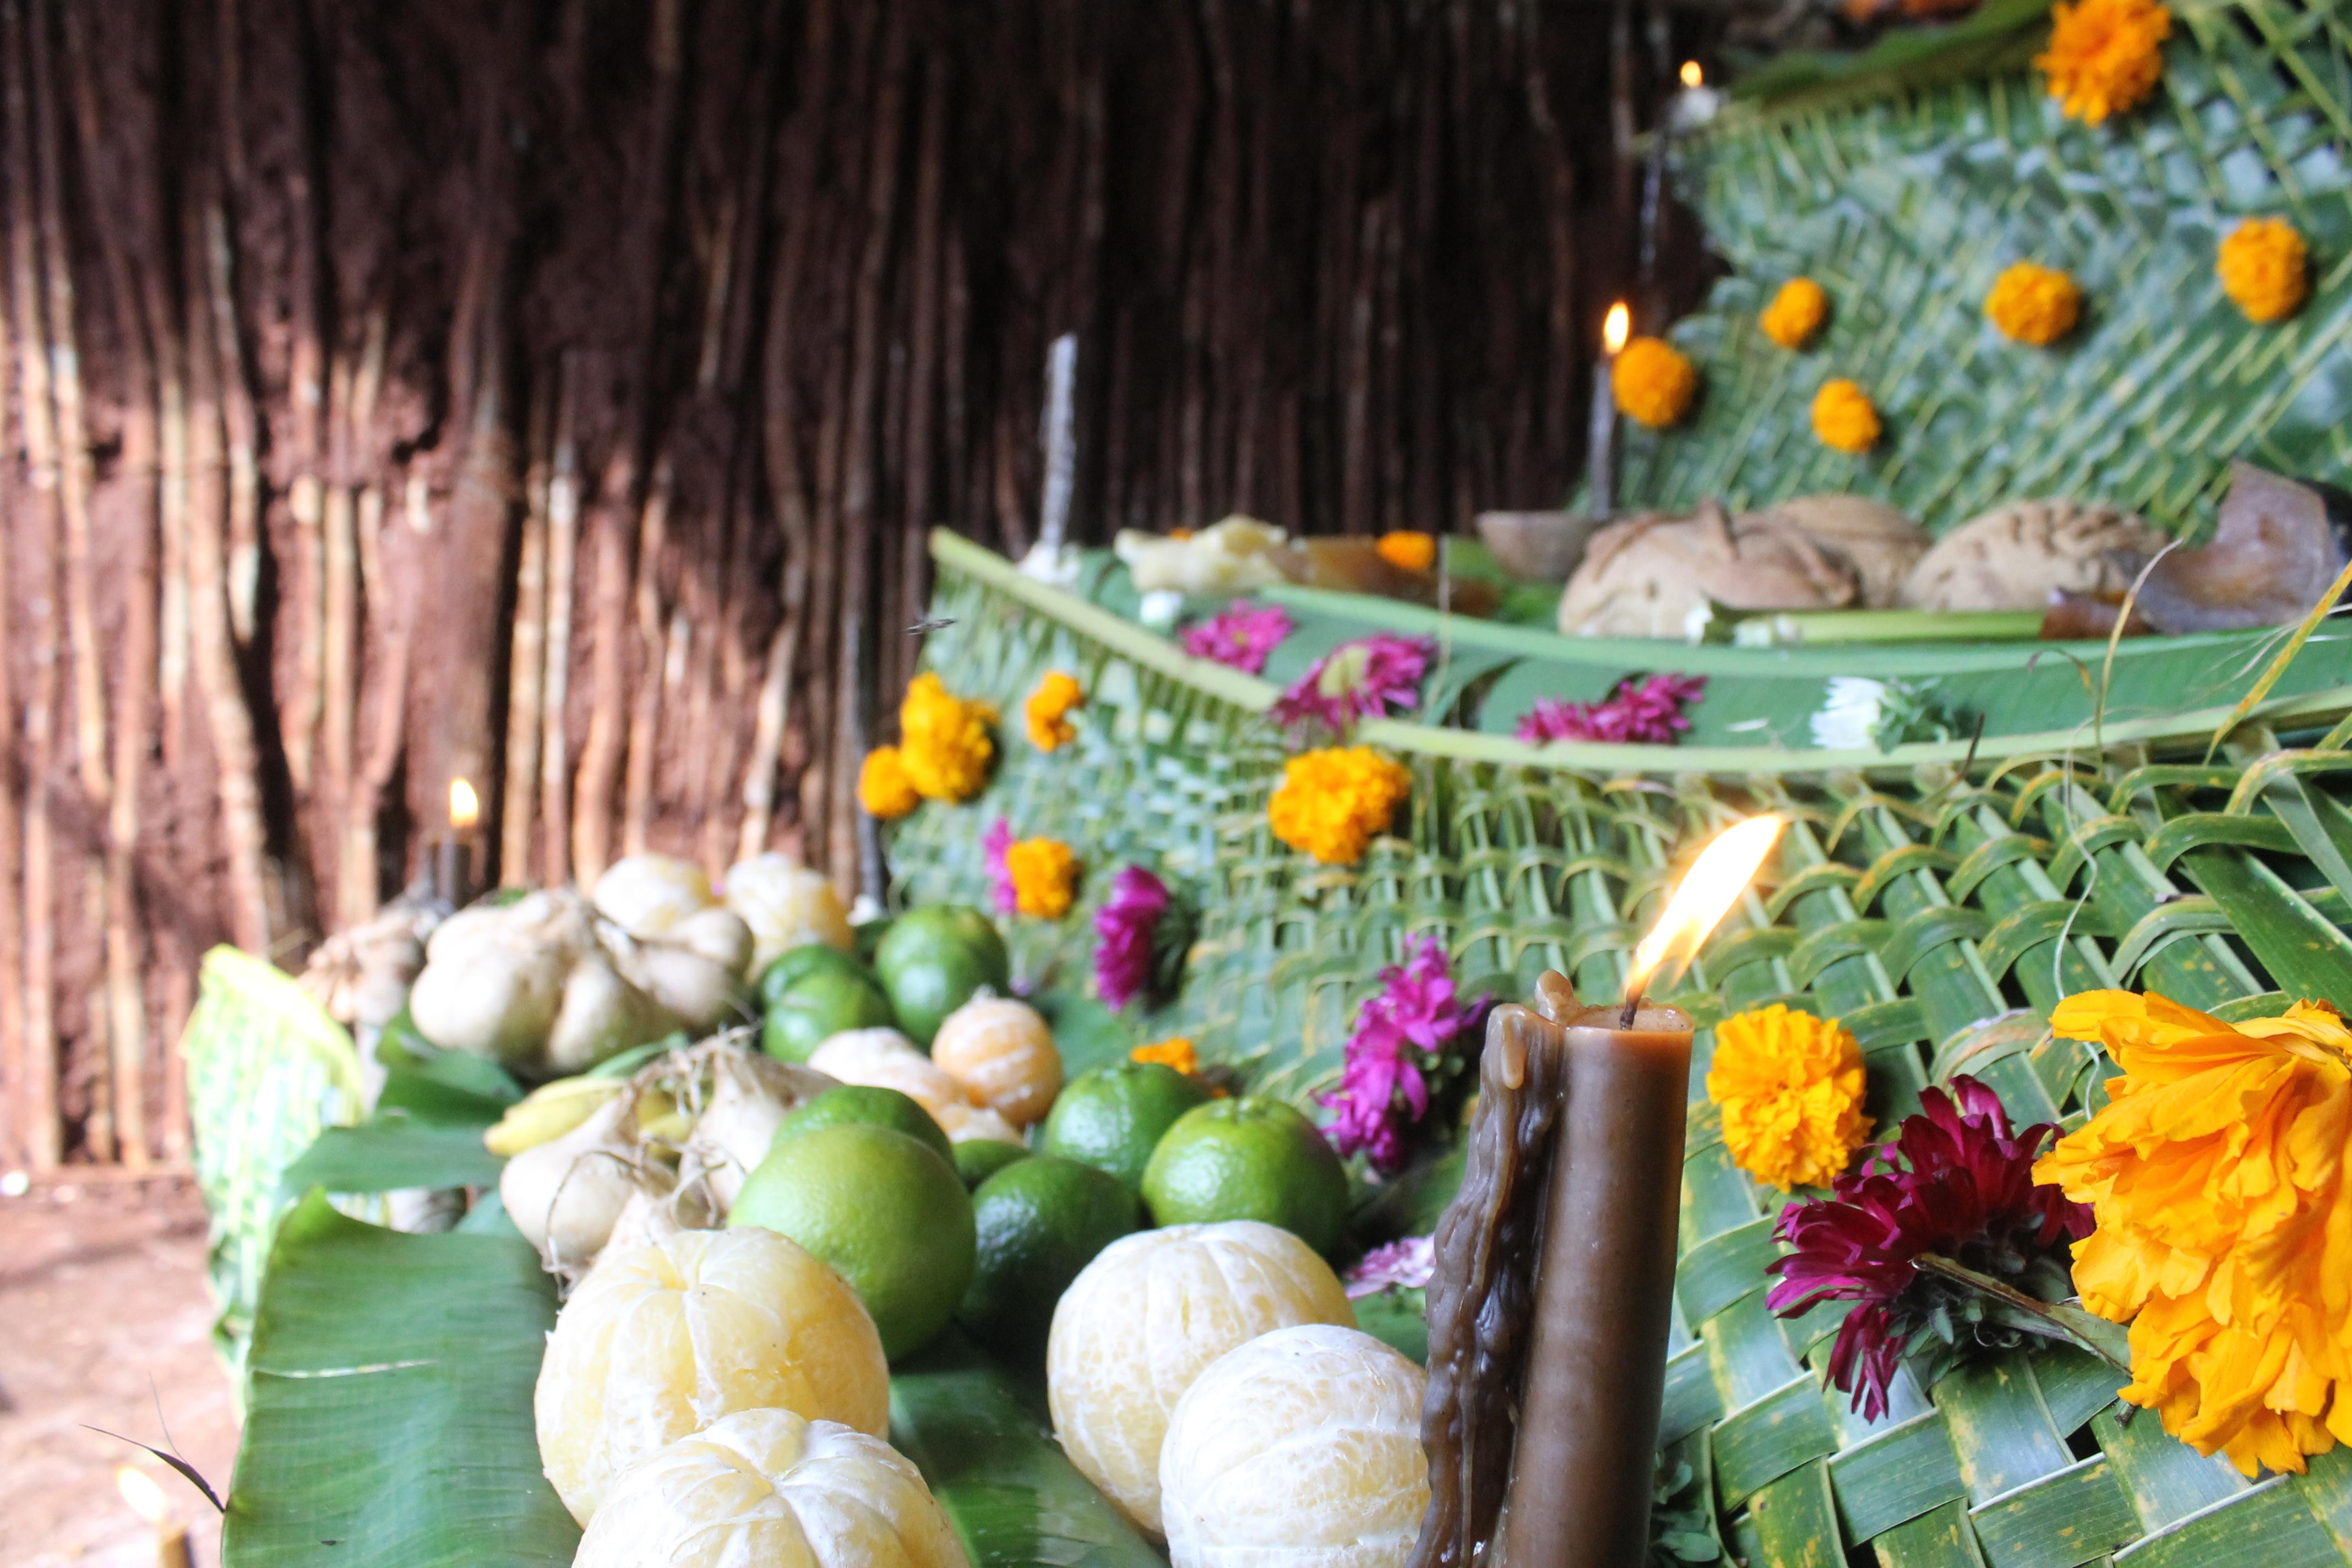 Kostenlose foto : Blume, Lebensmittel, produzieren, Gemüse, Herbst ...